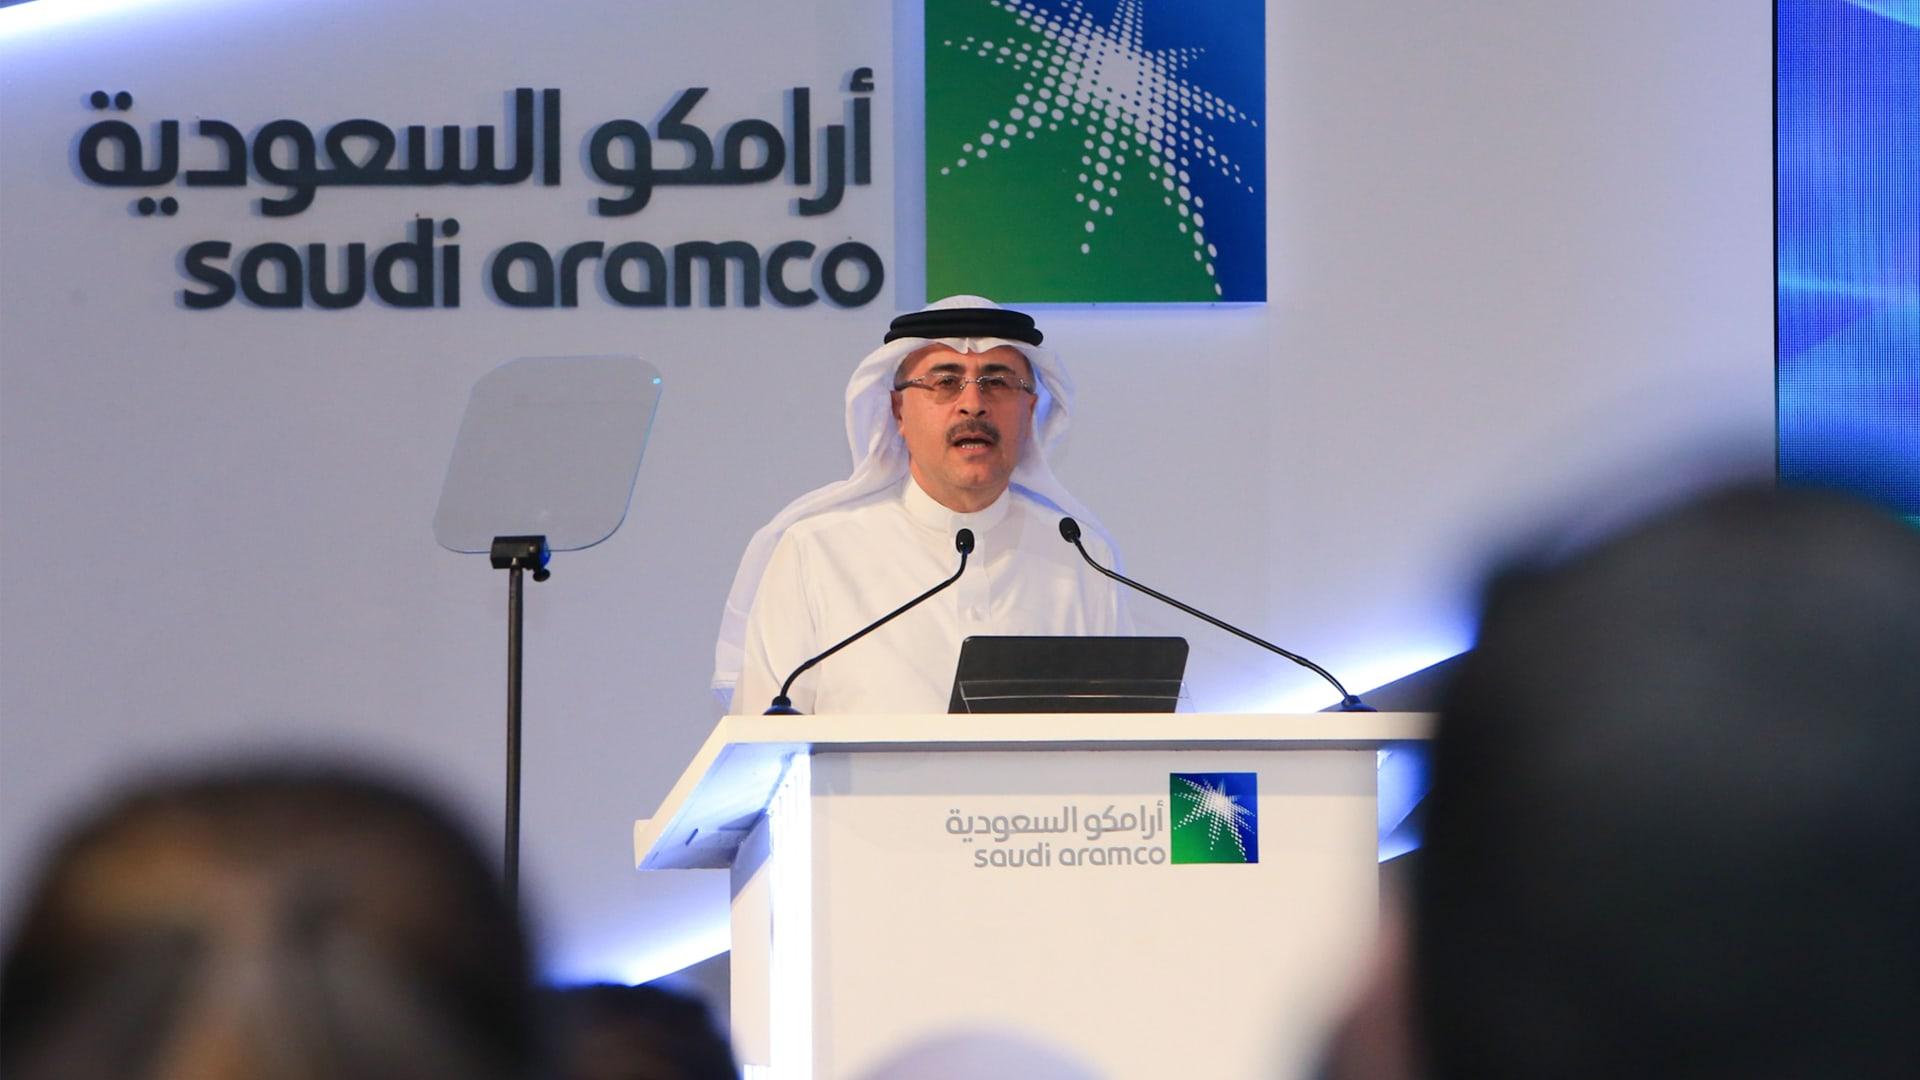 رئيس أرامكو السعودية: توزيع اللقاحات يدفعني للتفاؤل بشأن أوضاع السوق